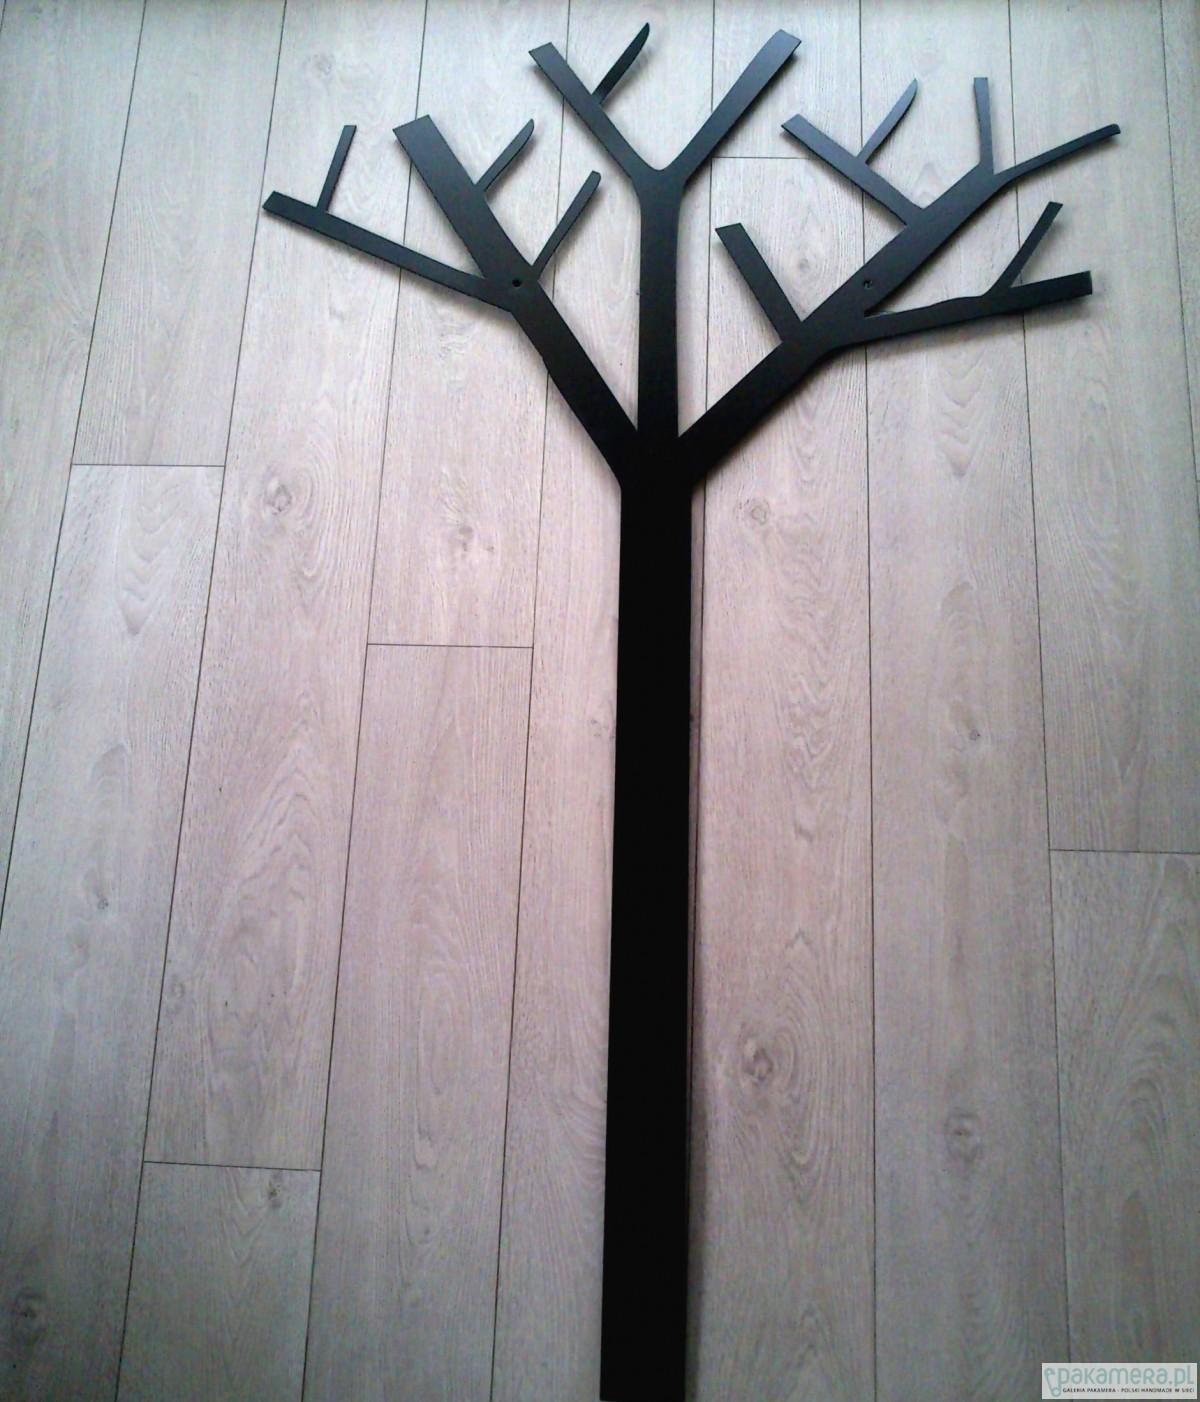 Dekoracja ściennawieszak Tree Pakamerapl